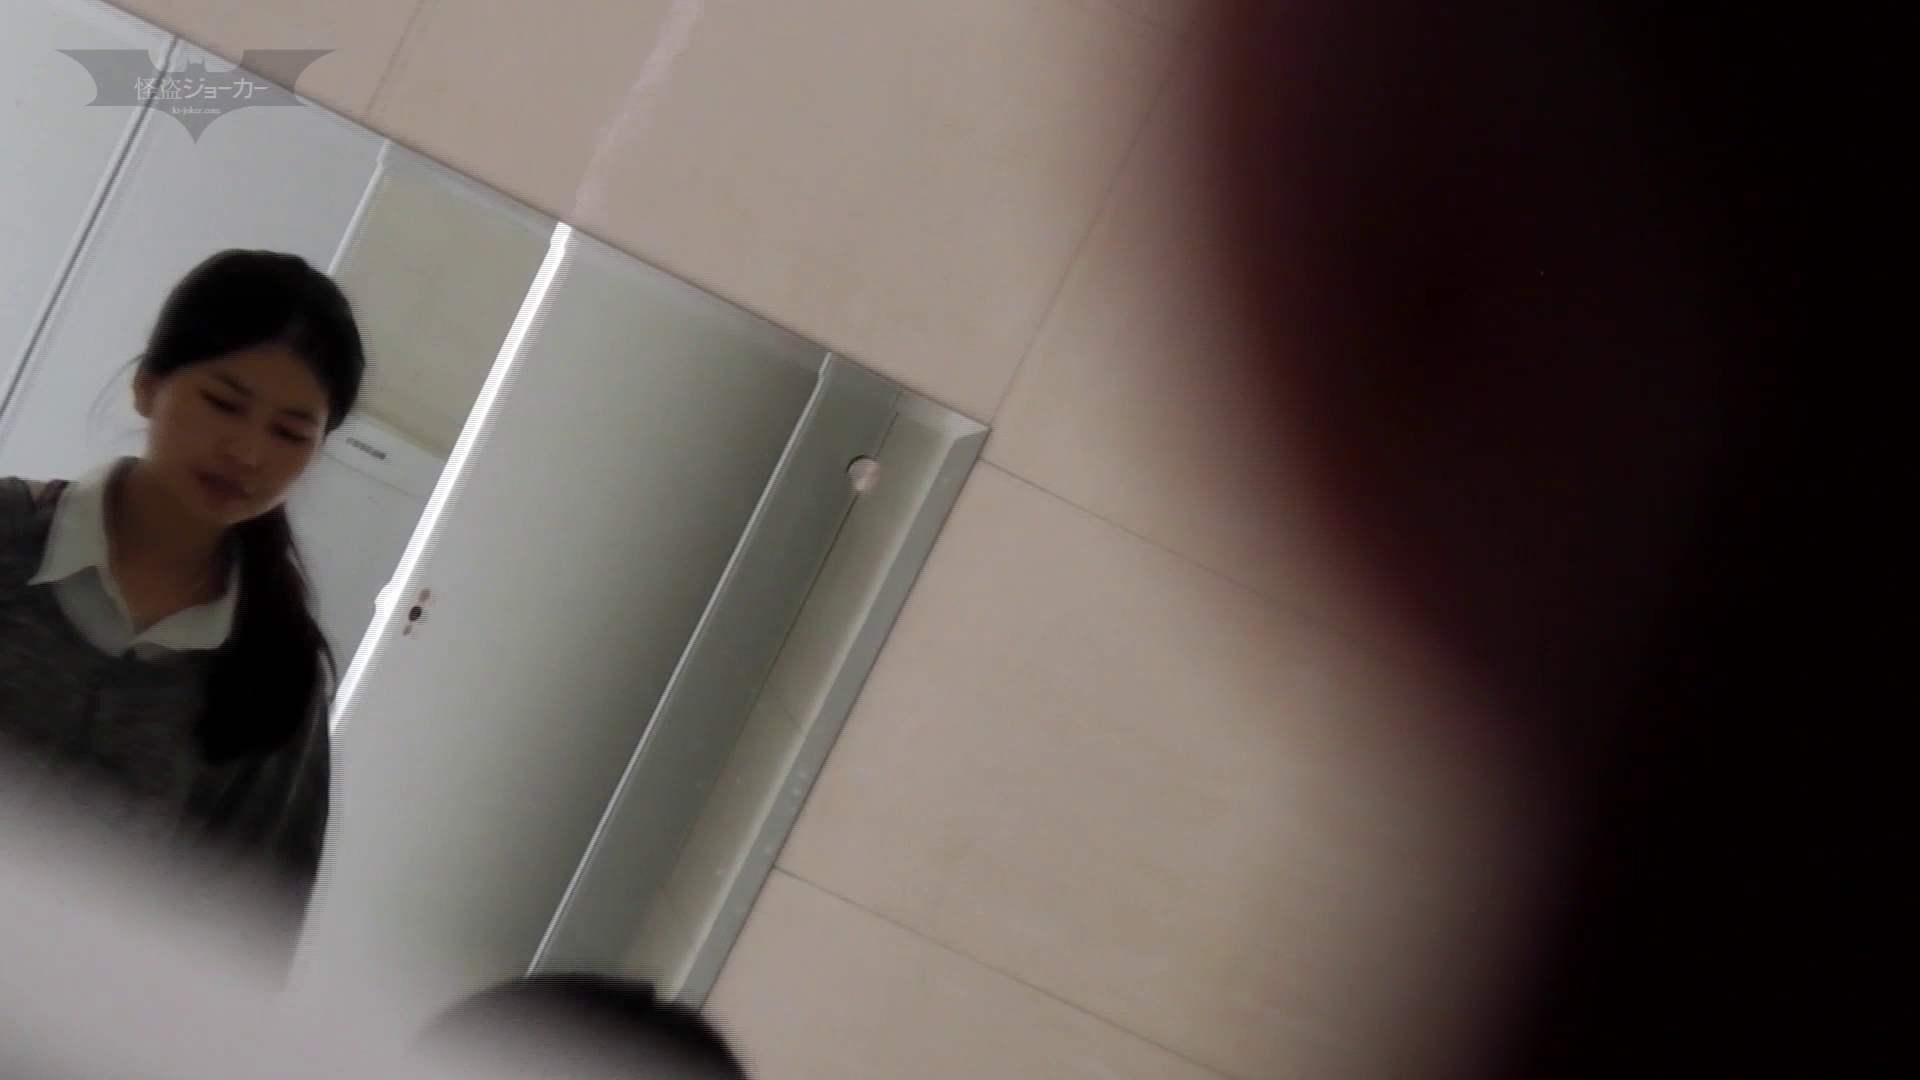 潜入!!台湾名門女学院 Vol.10 進化 美女 オメコ動画キャプチャ 71pic 18